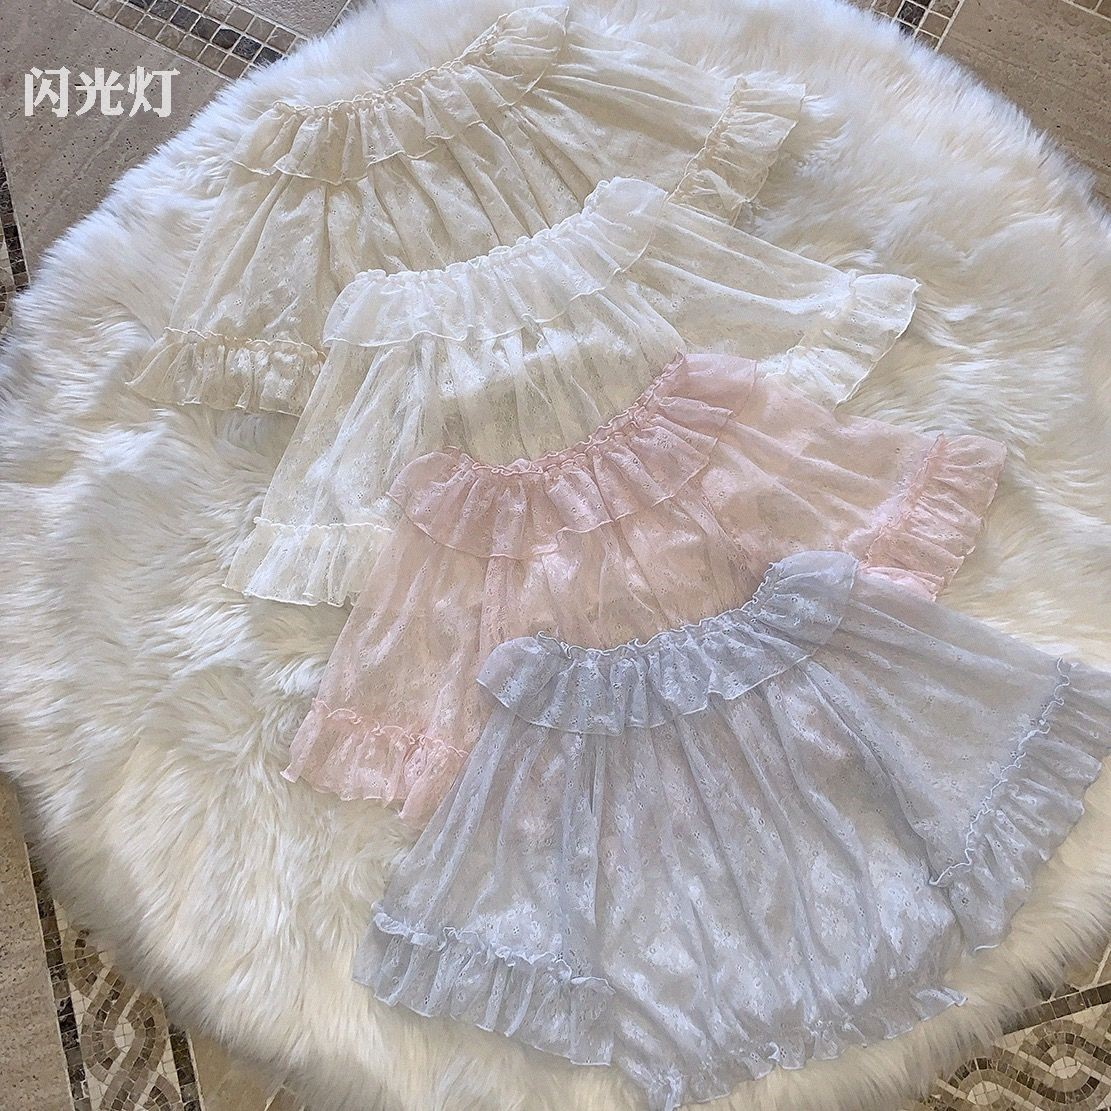 2019 Lolitaレースの網の糸の内でlolita柔らかい妹の半袖の打地のシャツのシフォンの夏の上着のブラウスの女性を掛けます。